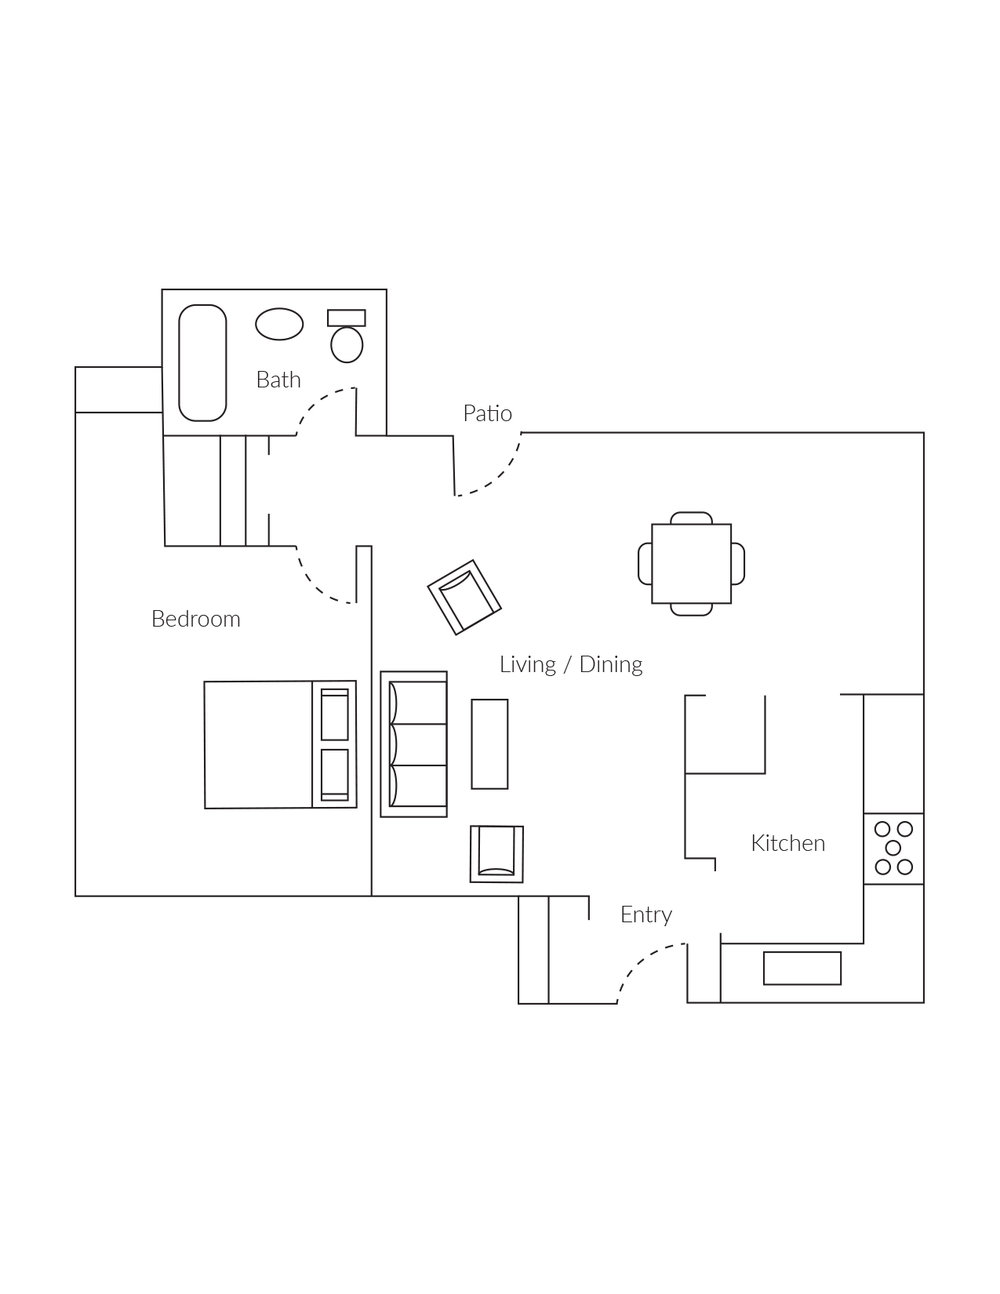 1 bedroom, 1 bathroom townhome